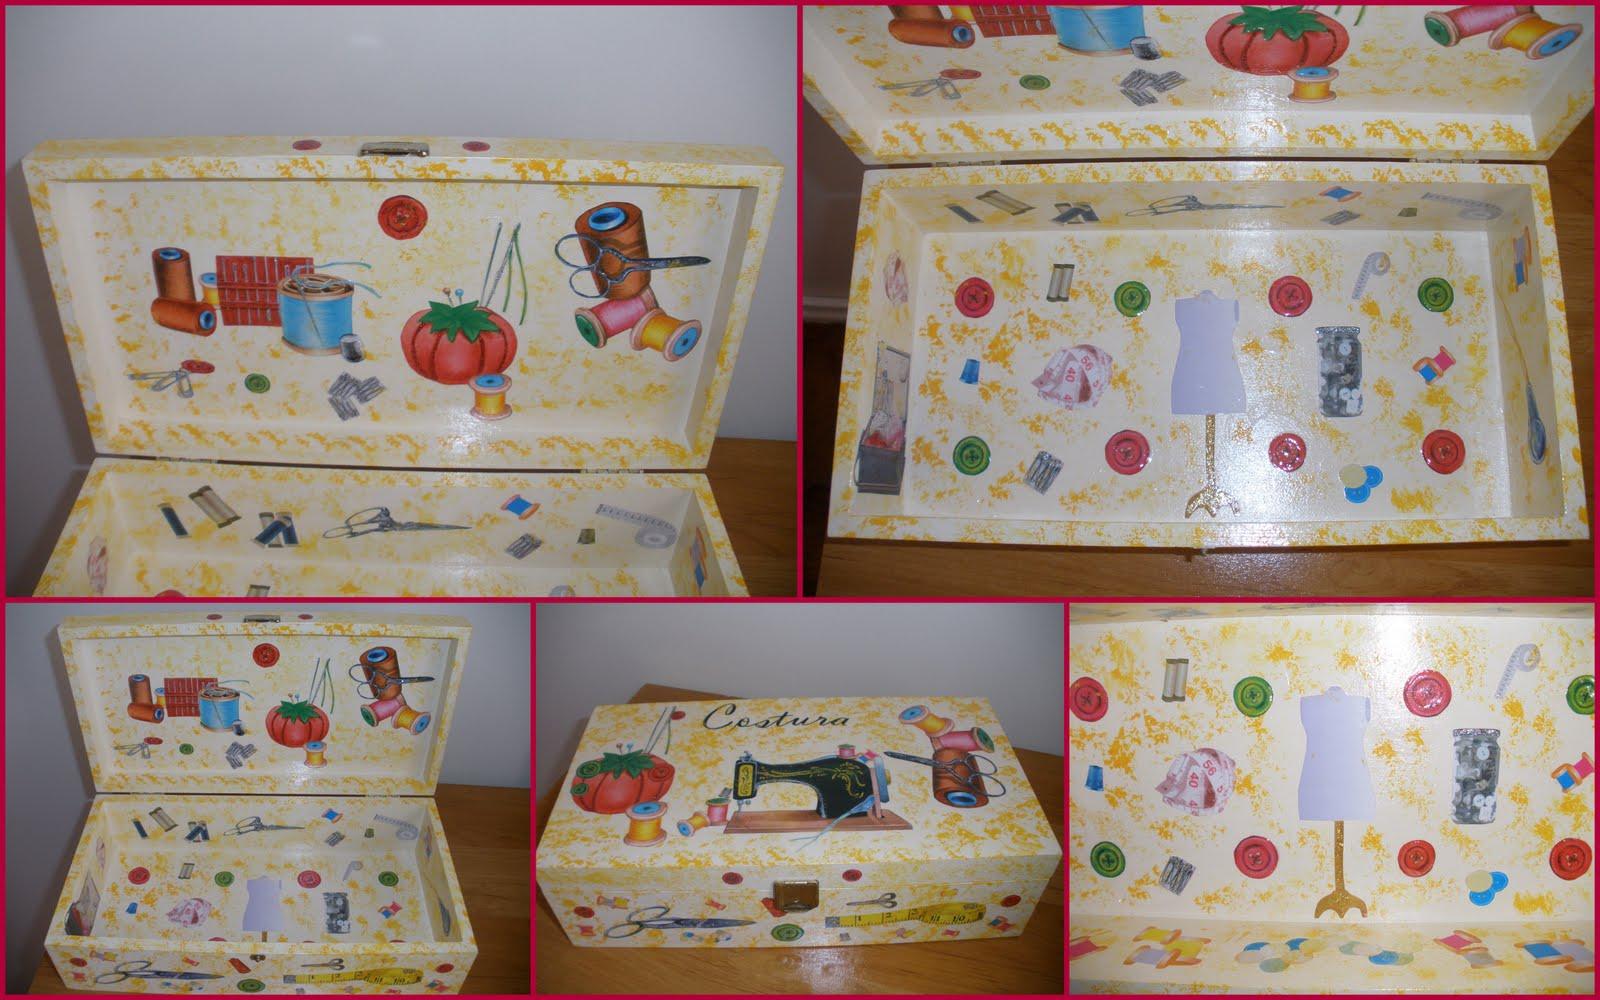 Pintura á Mão e Esponjado aplicadas em Caixa Rectangular de Madeira #967935 1600x1000